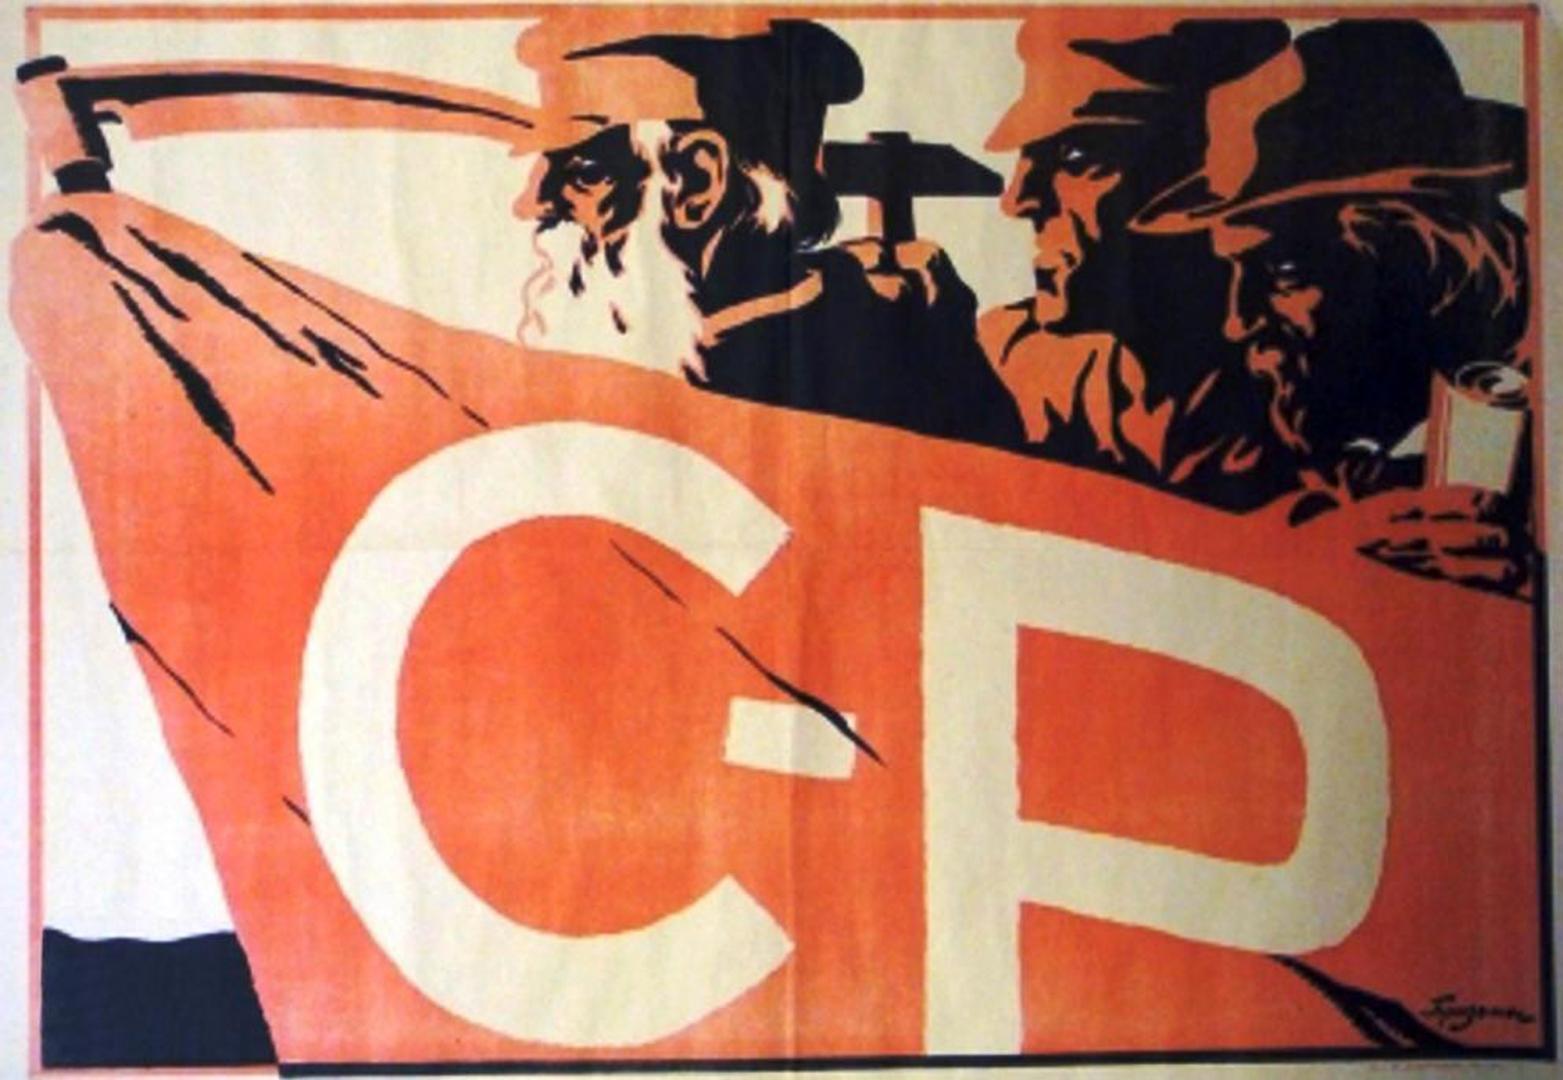 Черный – земля, красный – рабоче-крестьянский класс, белый – воля. Агитационный плакат социалистов-революционеров